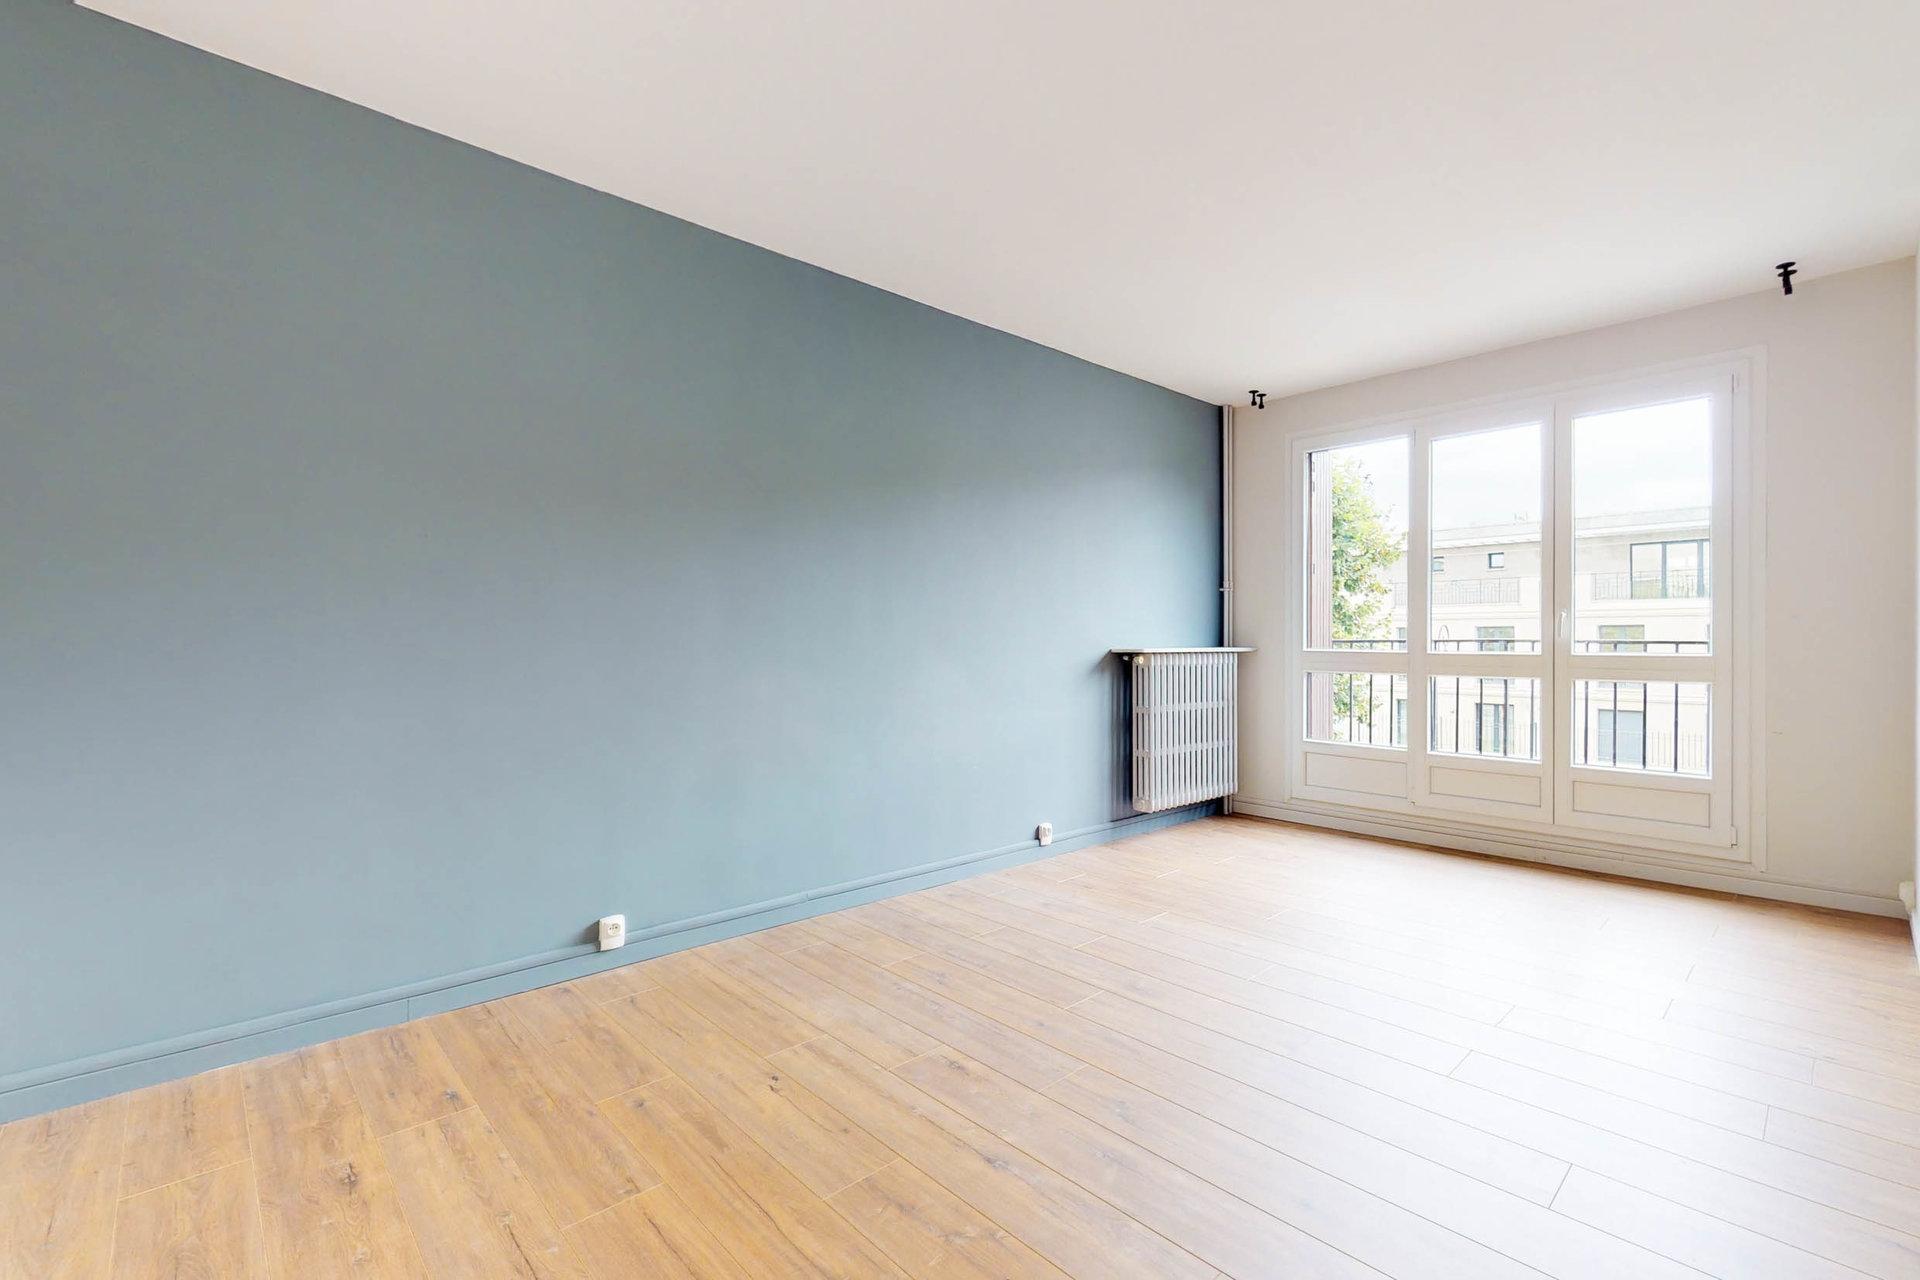 76 m2, récemment rénové, vastes pièces lumineuses ❤️